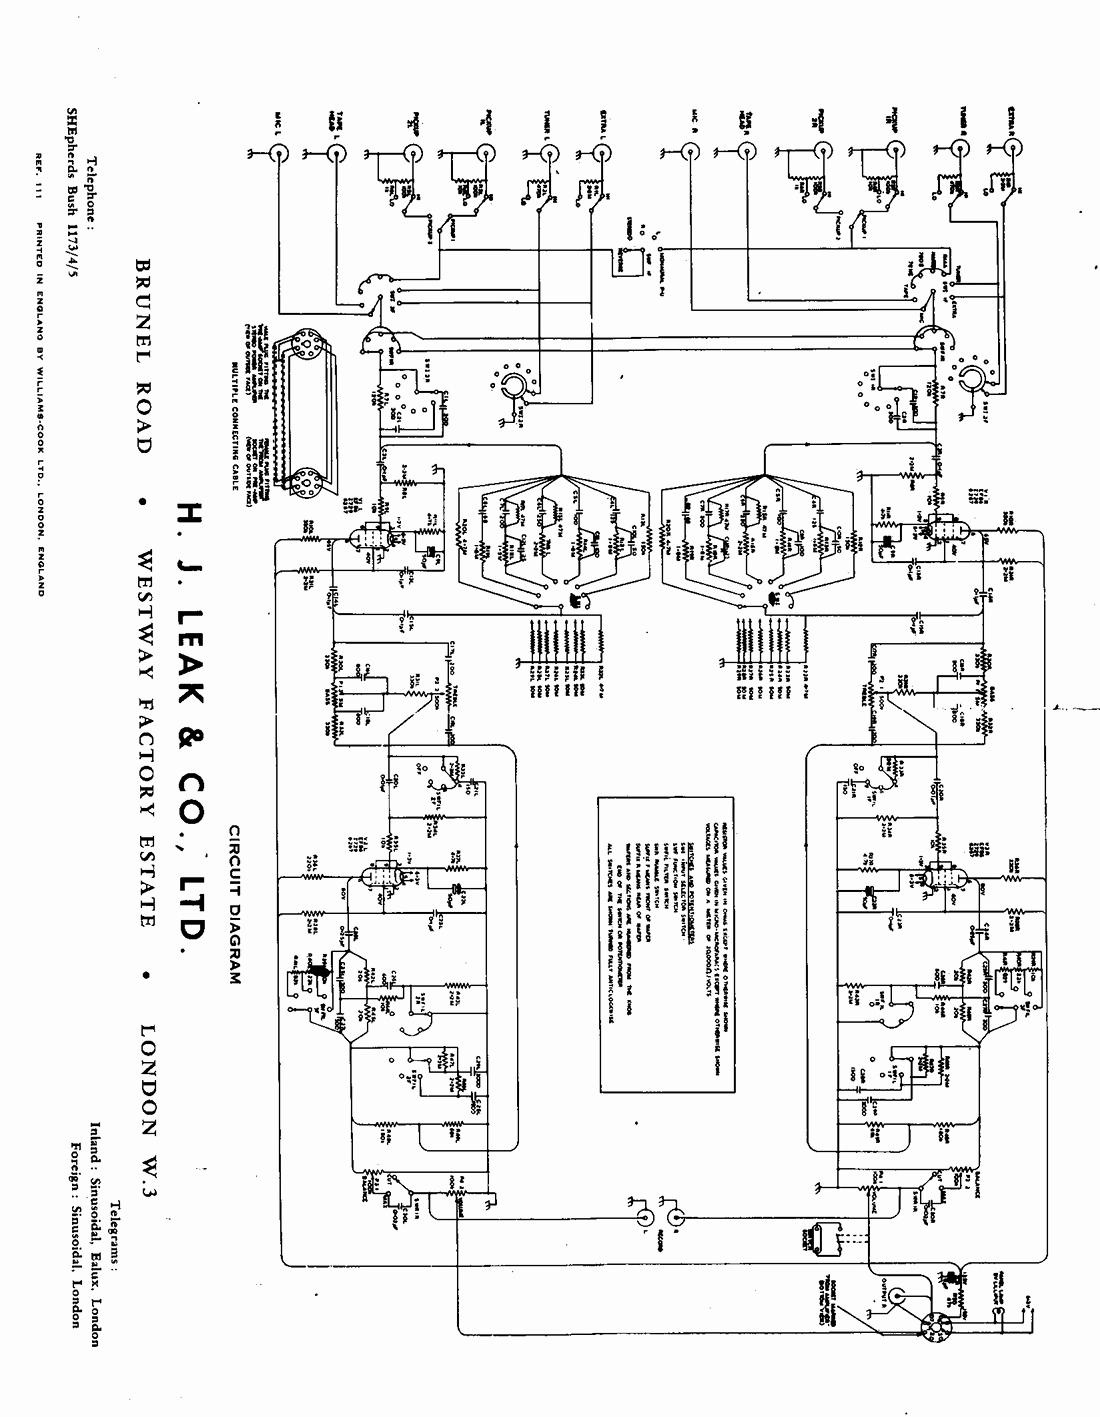 hight resolution of nissan titan rockford fosgate wiring diagram nissan titan rockford fosgate wiring diagram full size wiring